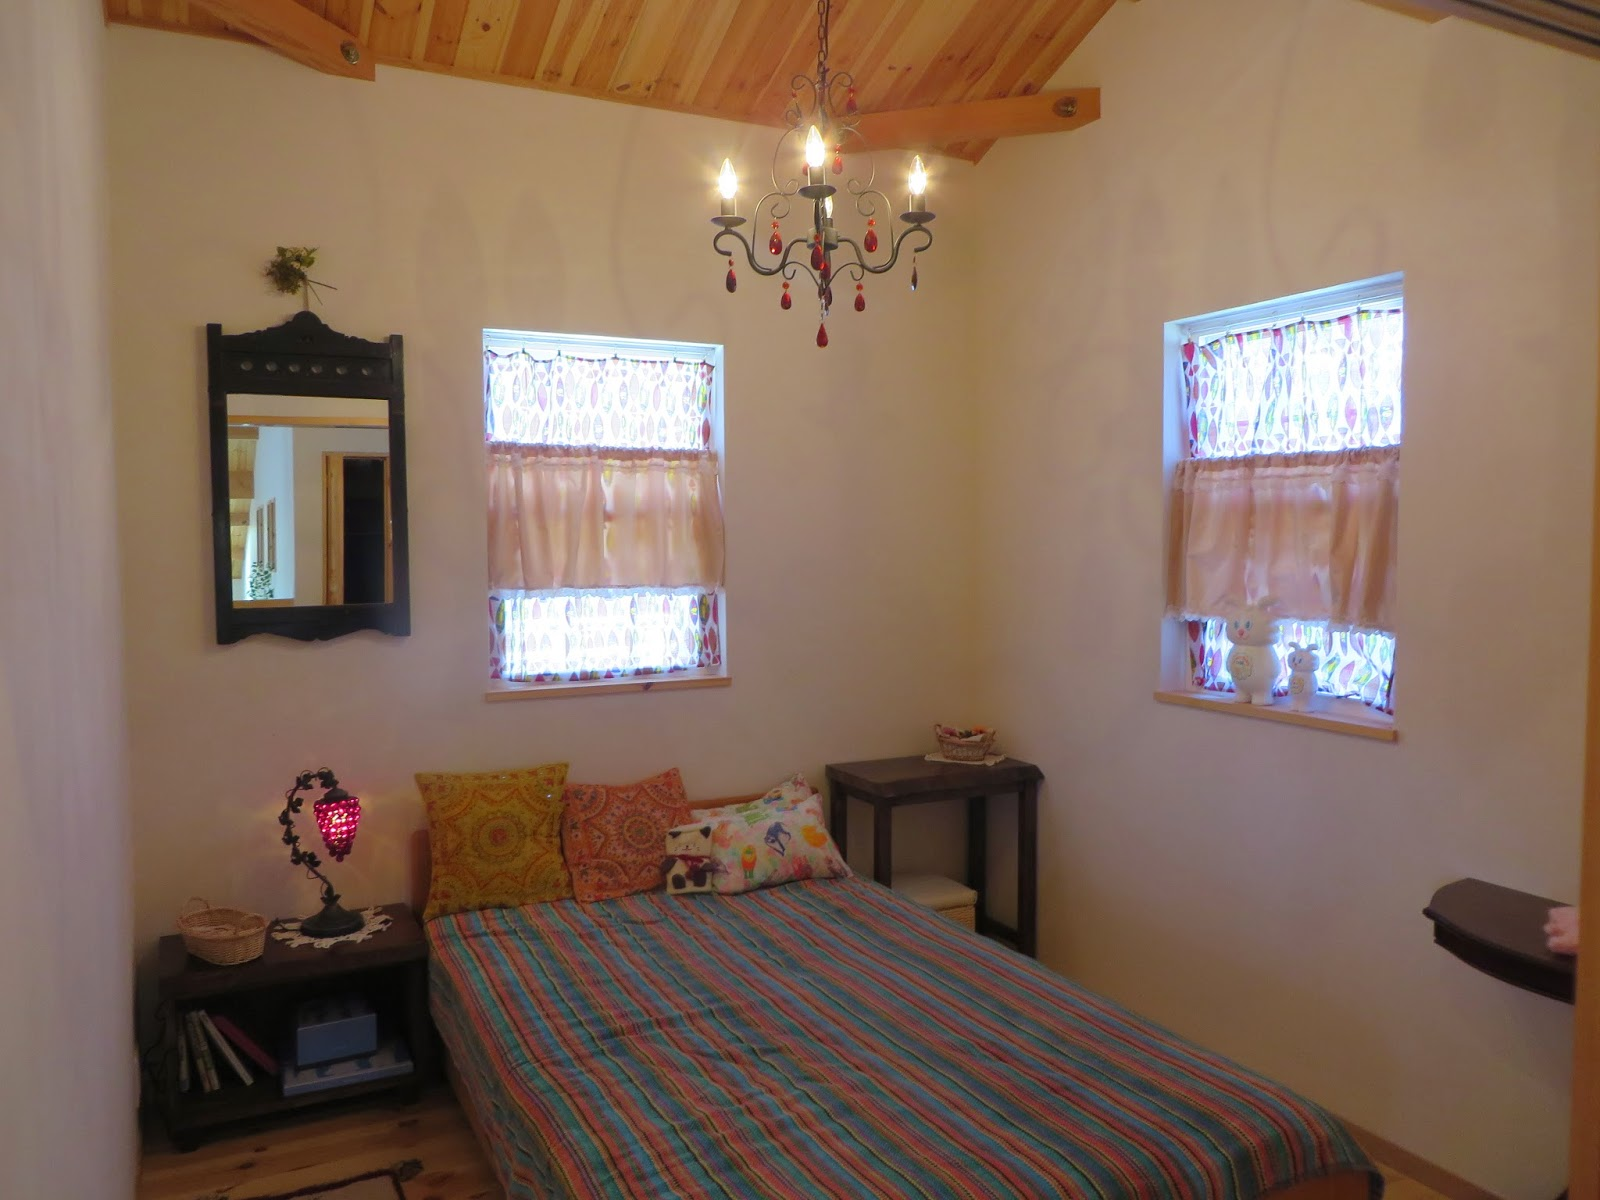 全館空調・地熱活用の家